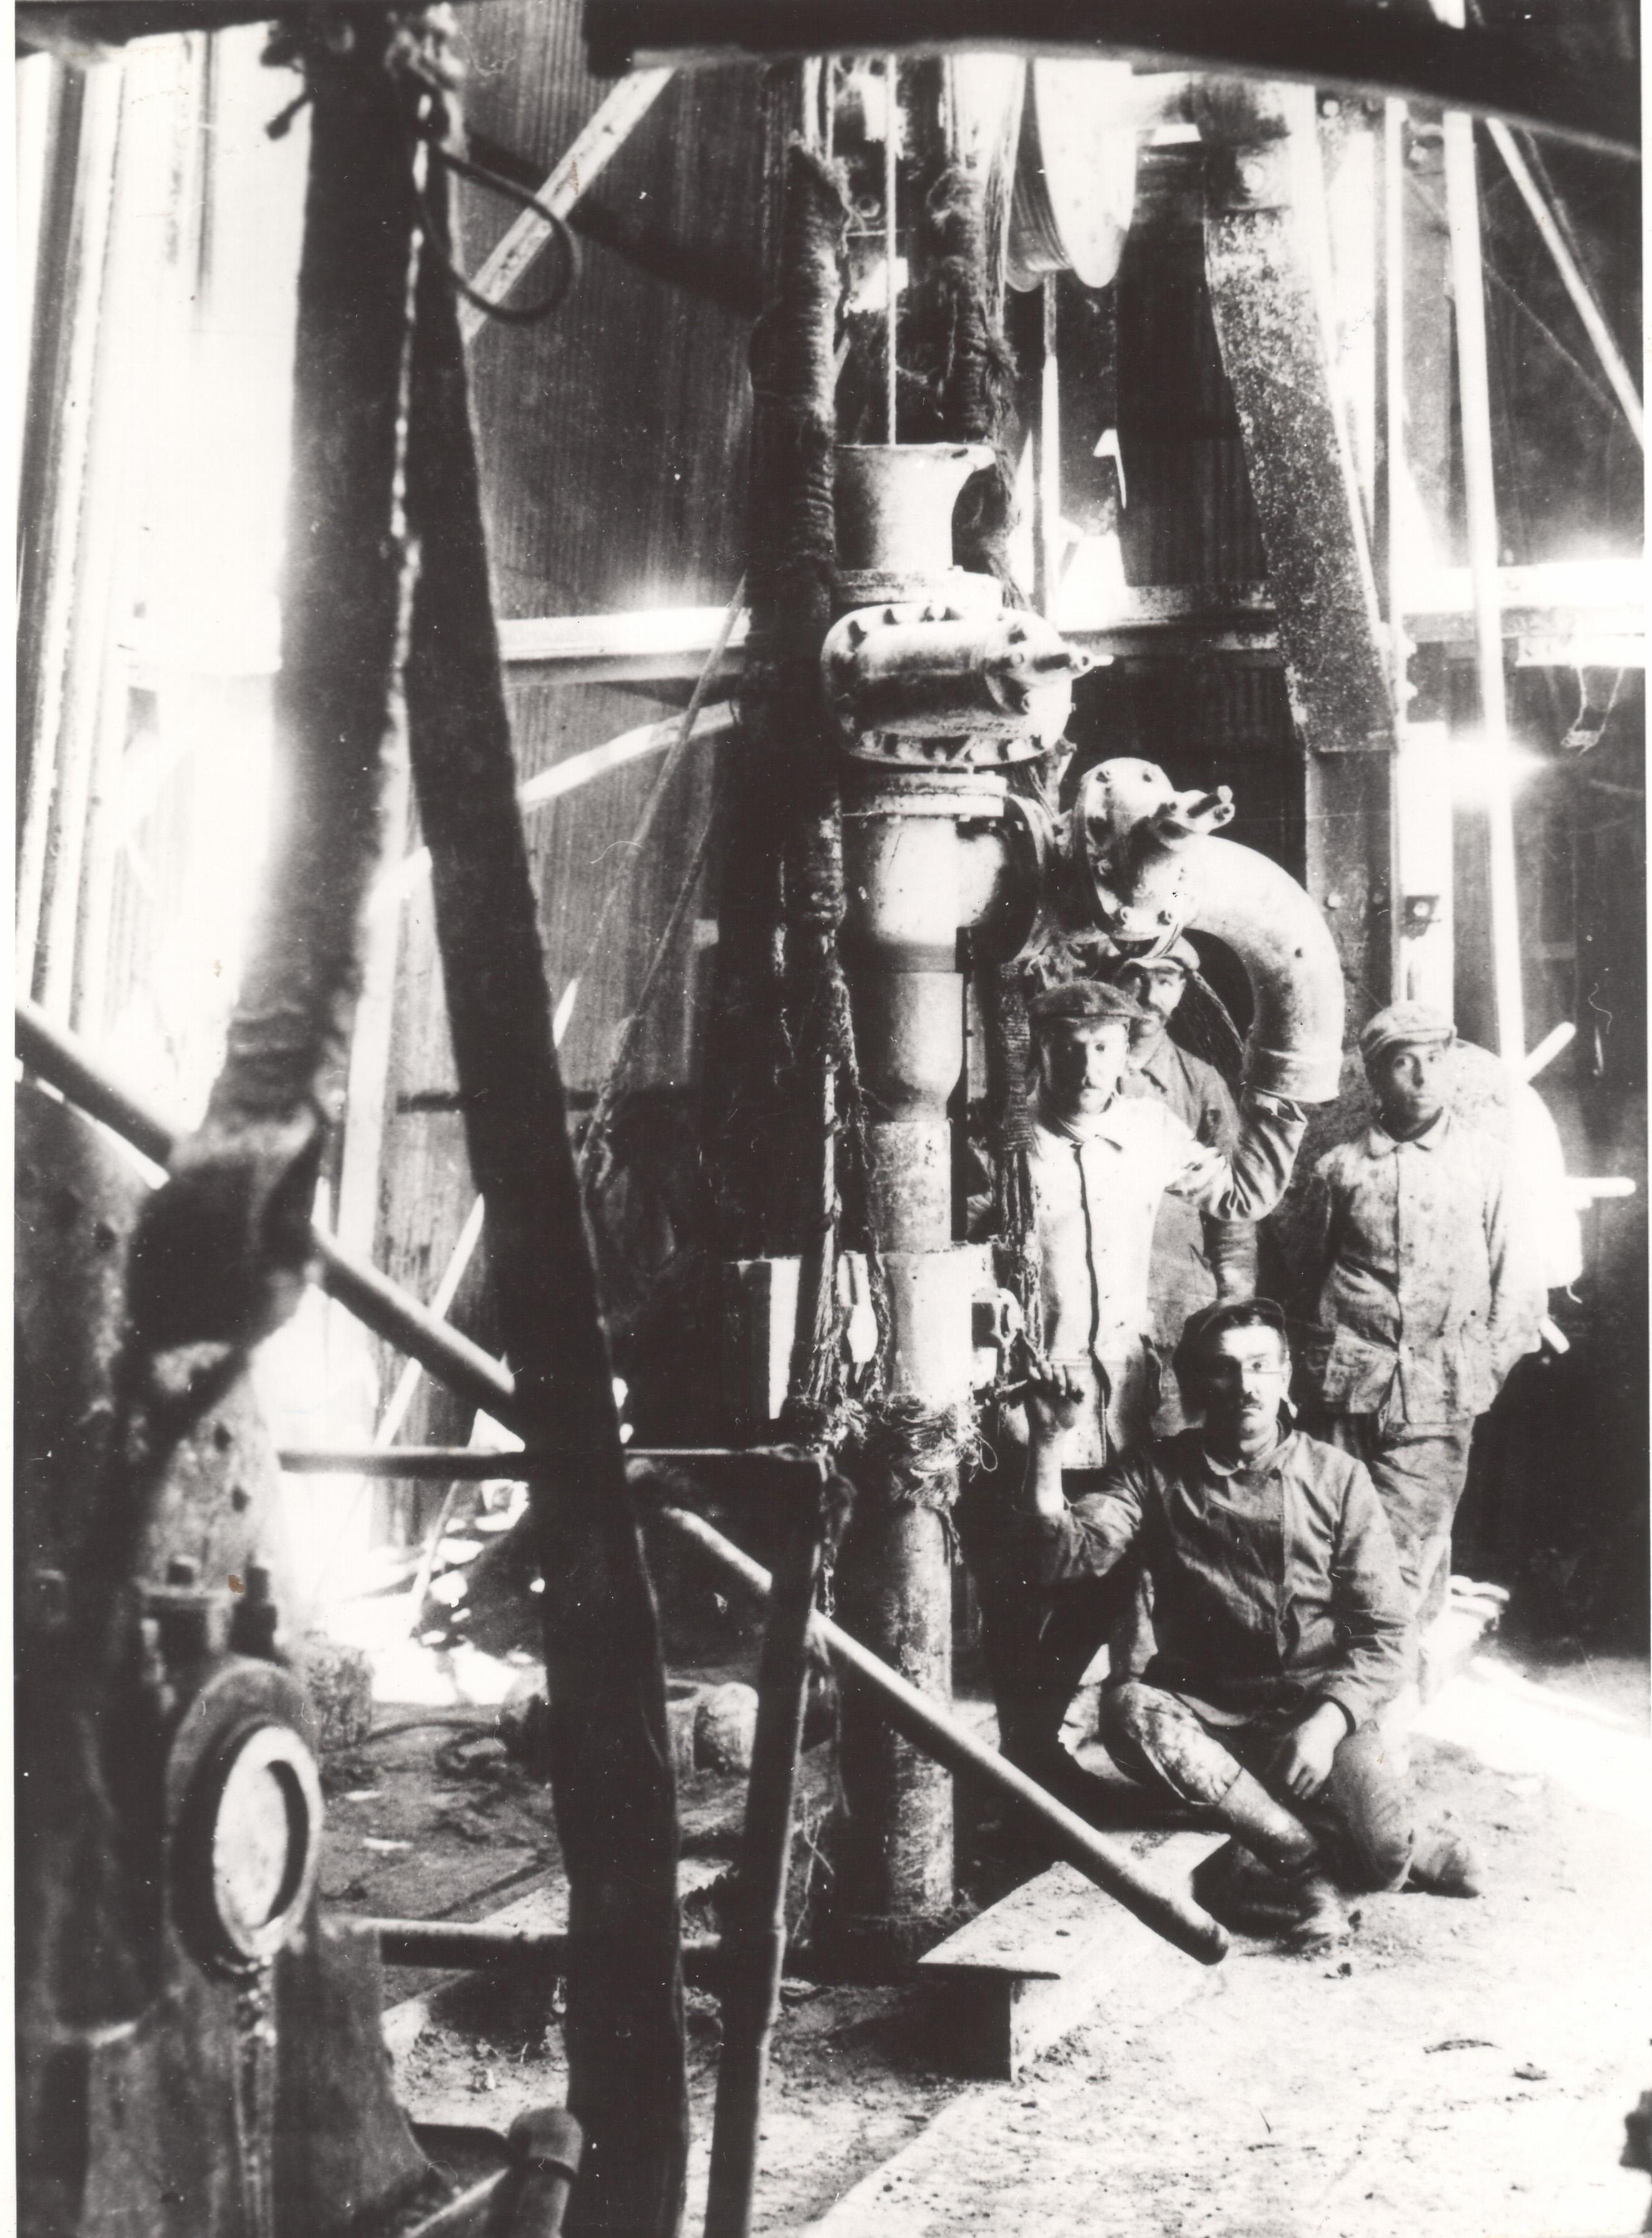 deila dickinson edu patagonia en museum work oilworkerspipes